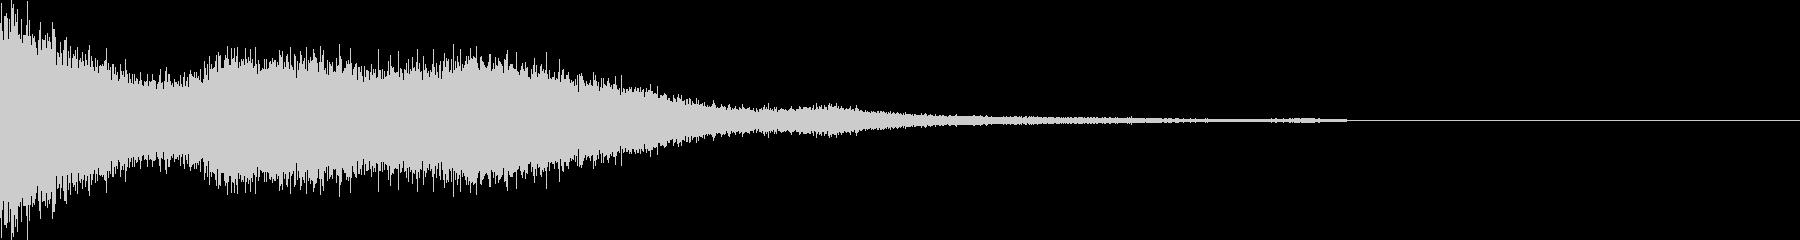 爆発や隕石が落ちた後のプシューという音の未再生の波形